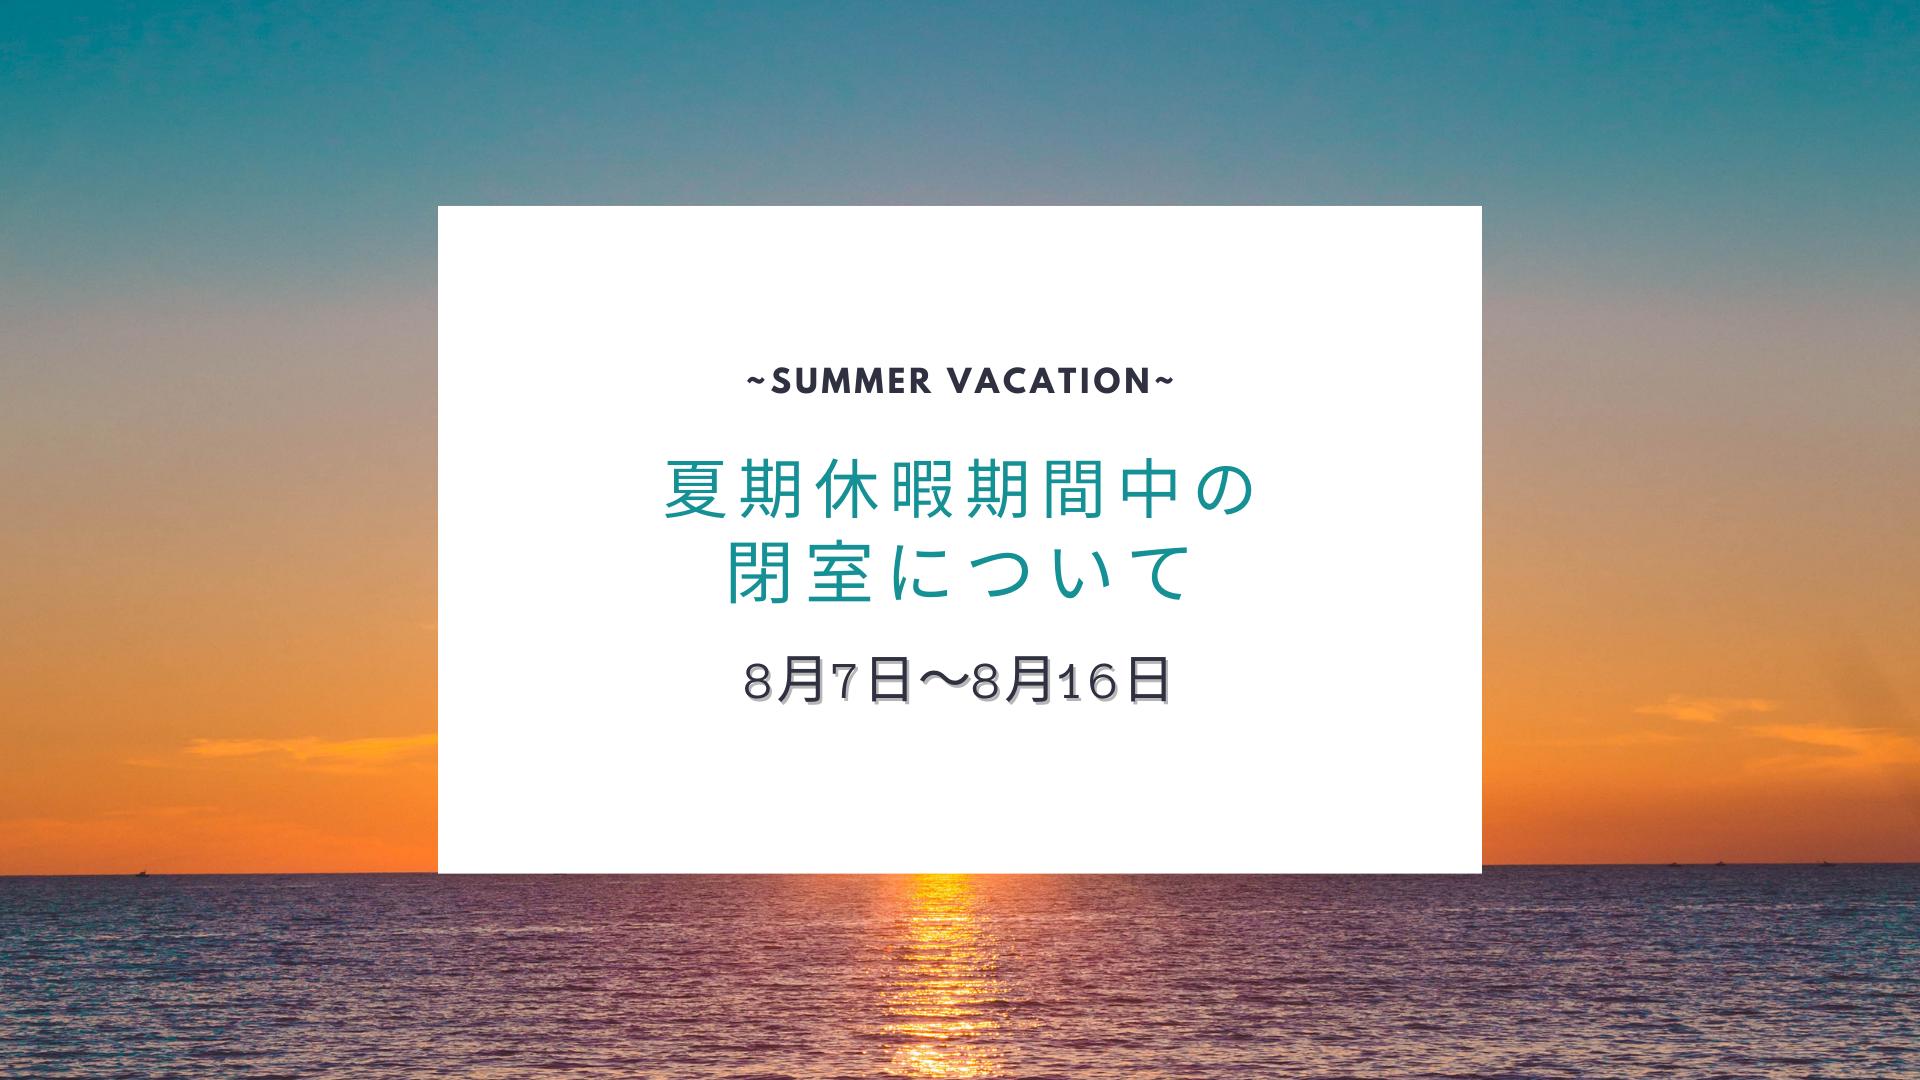 【お知らせ】夏期休暇期間中の閉室について